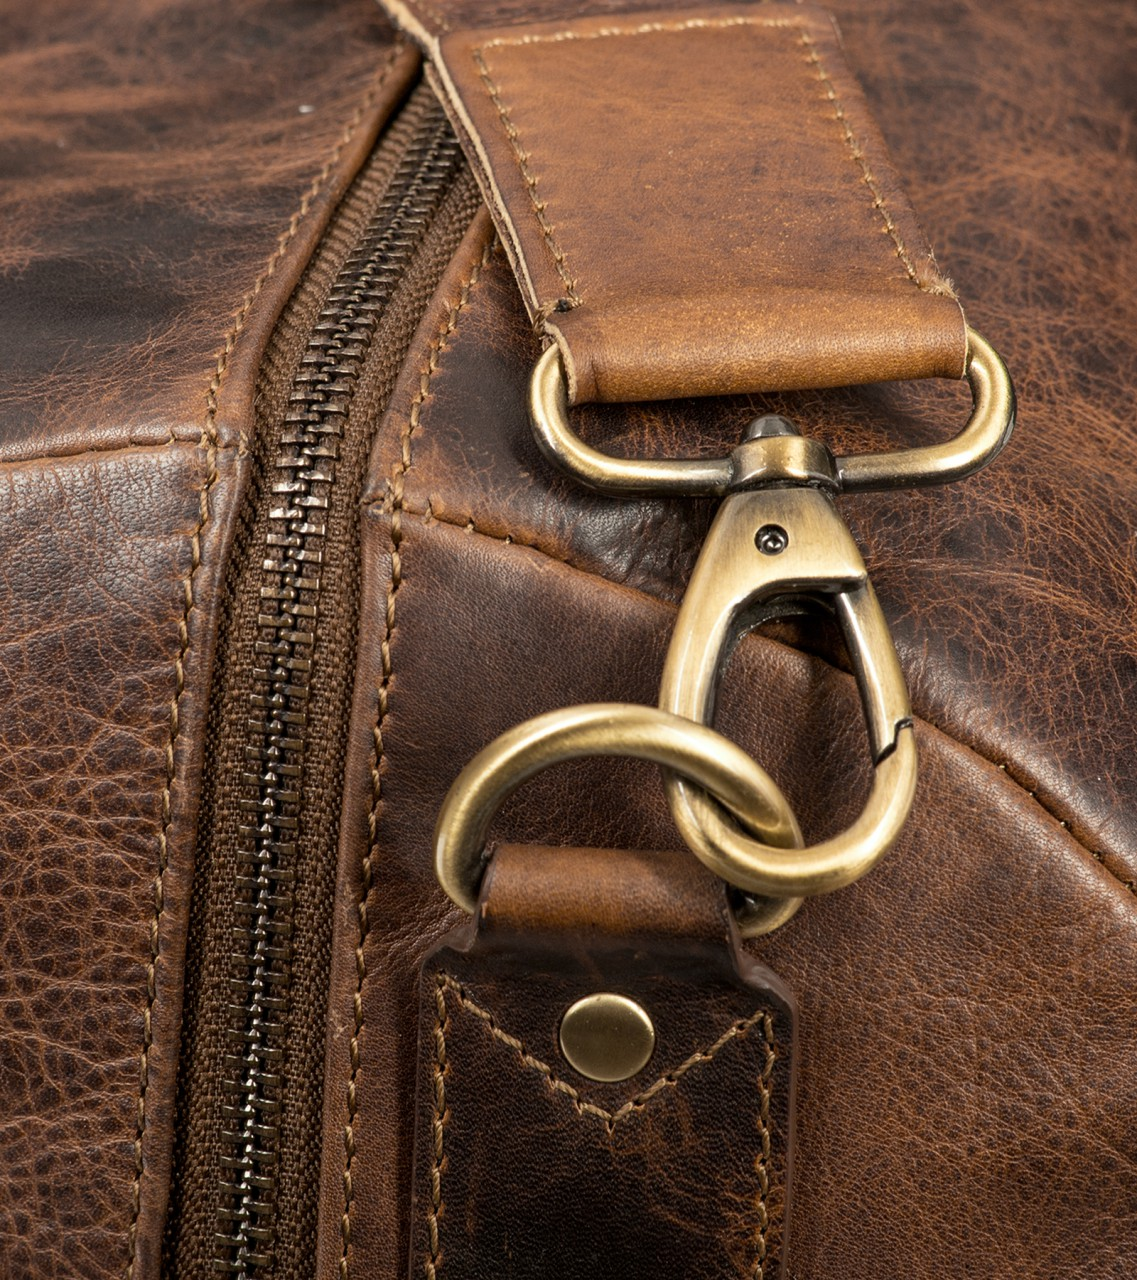 STILORD Leder Vintage Reisetasche Weekend Bag Urlaub Ledertasche Handgepäck Sporttasche Retro Weekender echtes Leder dunkelbraun - Bild 6